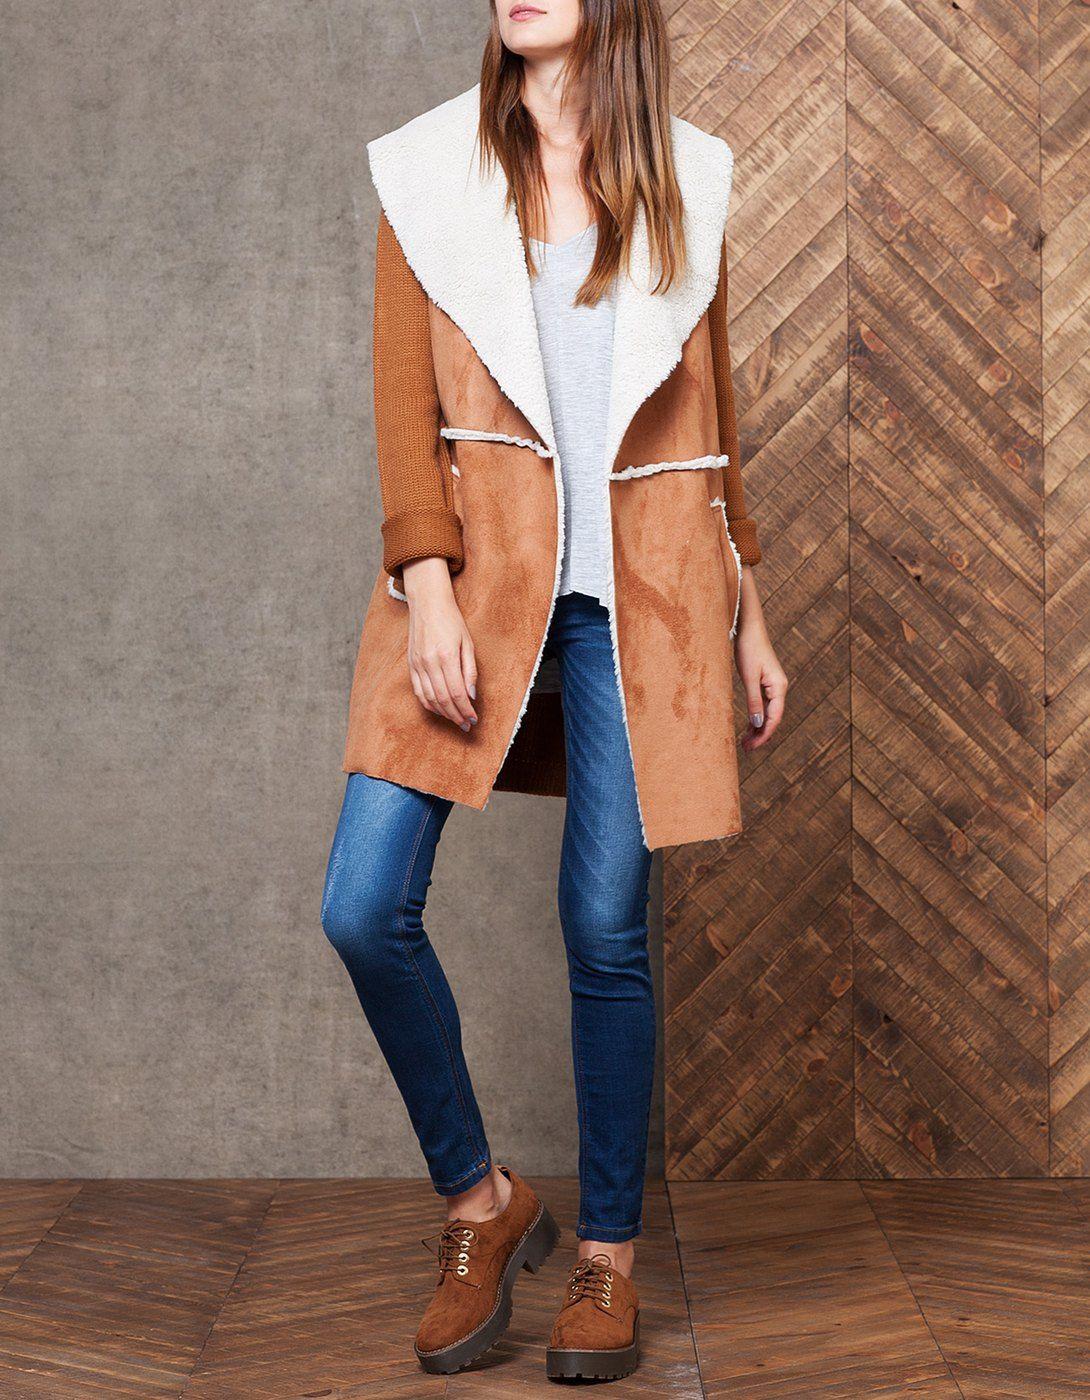 Moda femenina pinterest ropa stradivarius y chaquetas - Comprar ropa en portugal ...